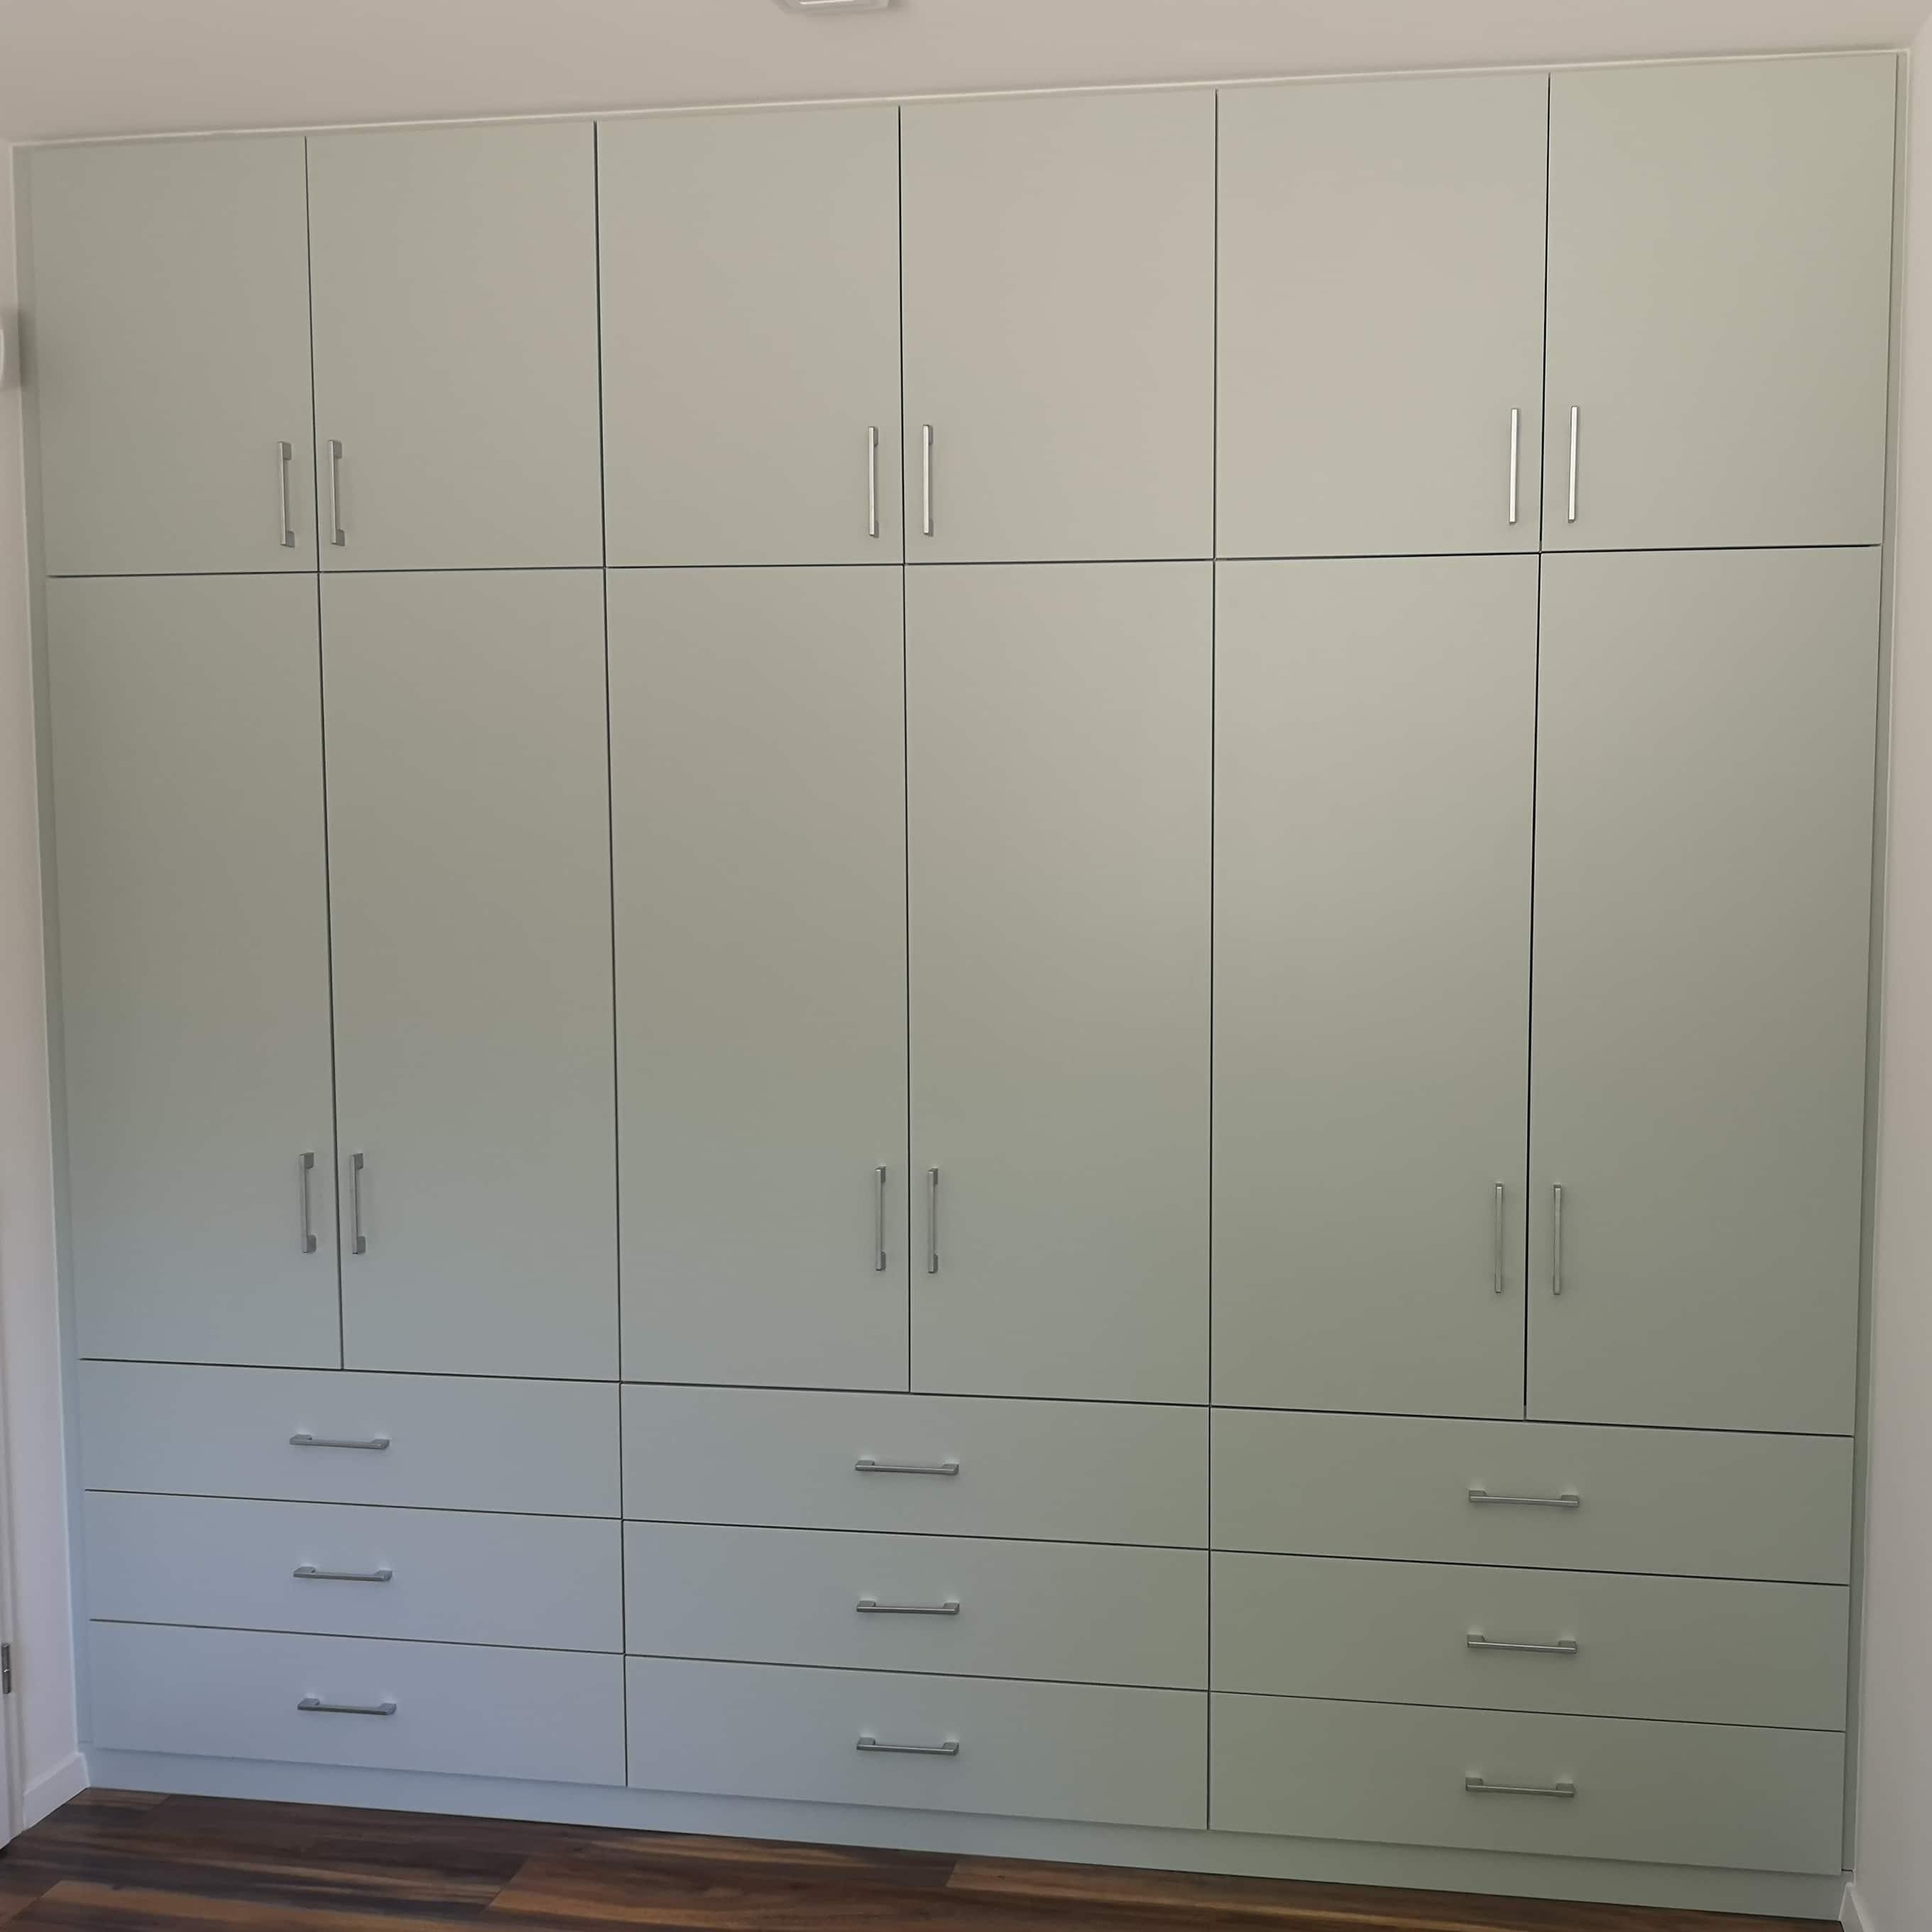 Letisztult gardrób szekrény - a kivitelezés pontossága alapkövetelmény